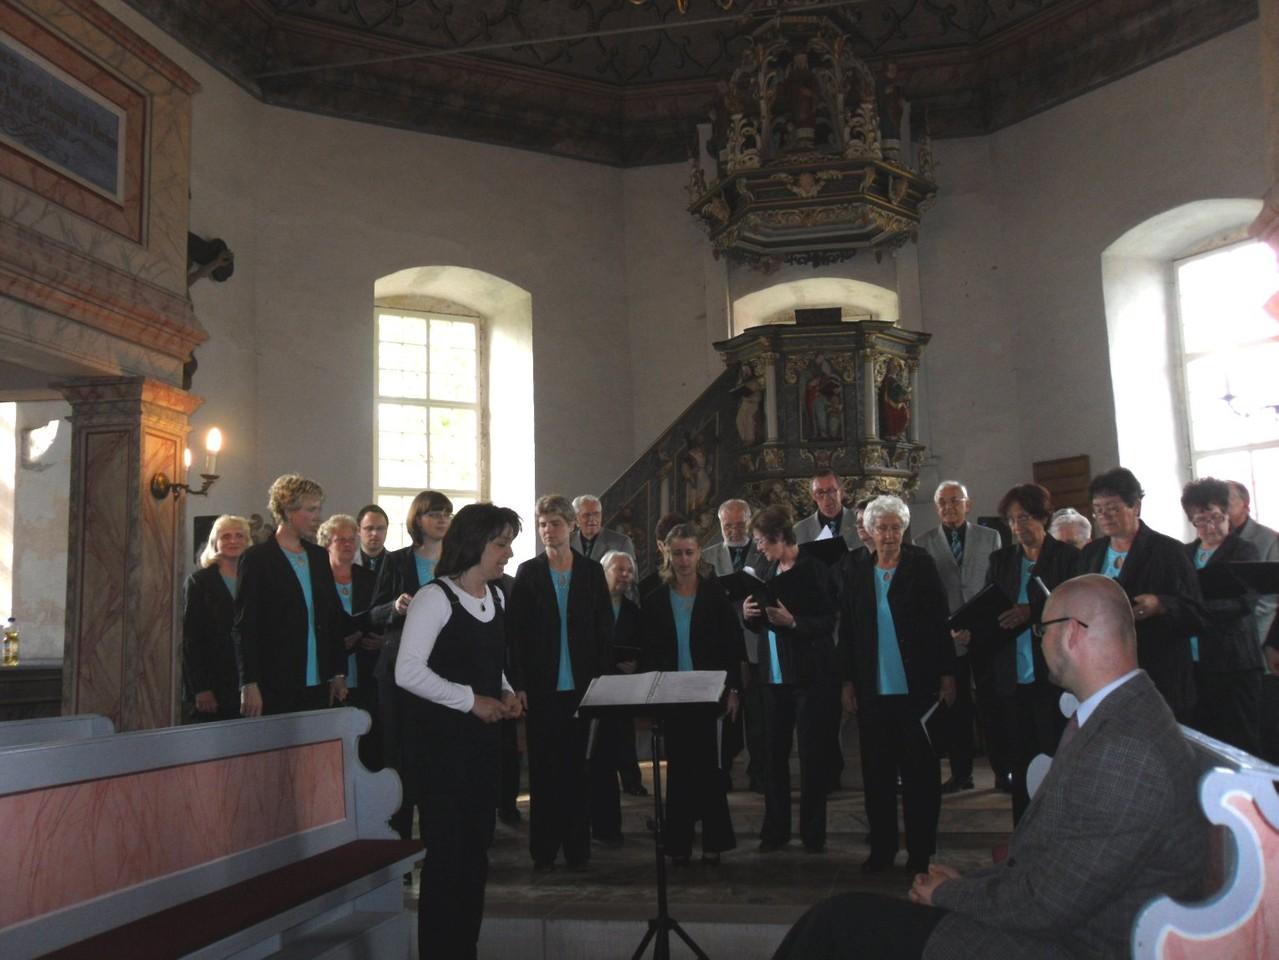 ...die Chorleitung die Ansage des Programms